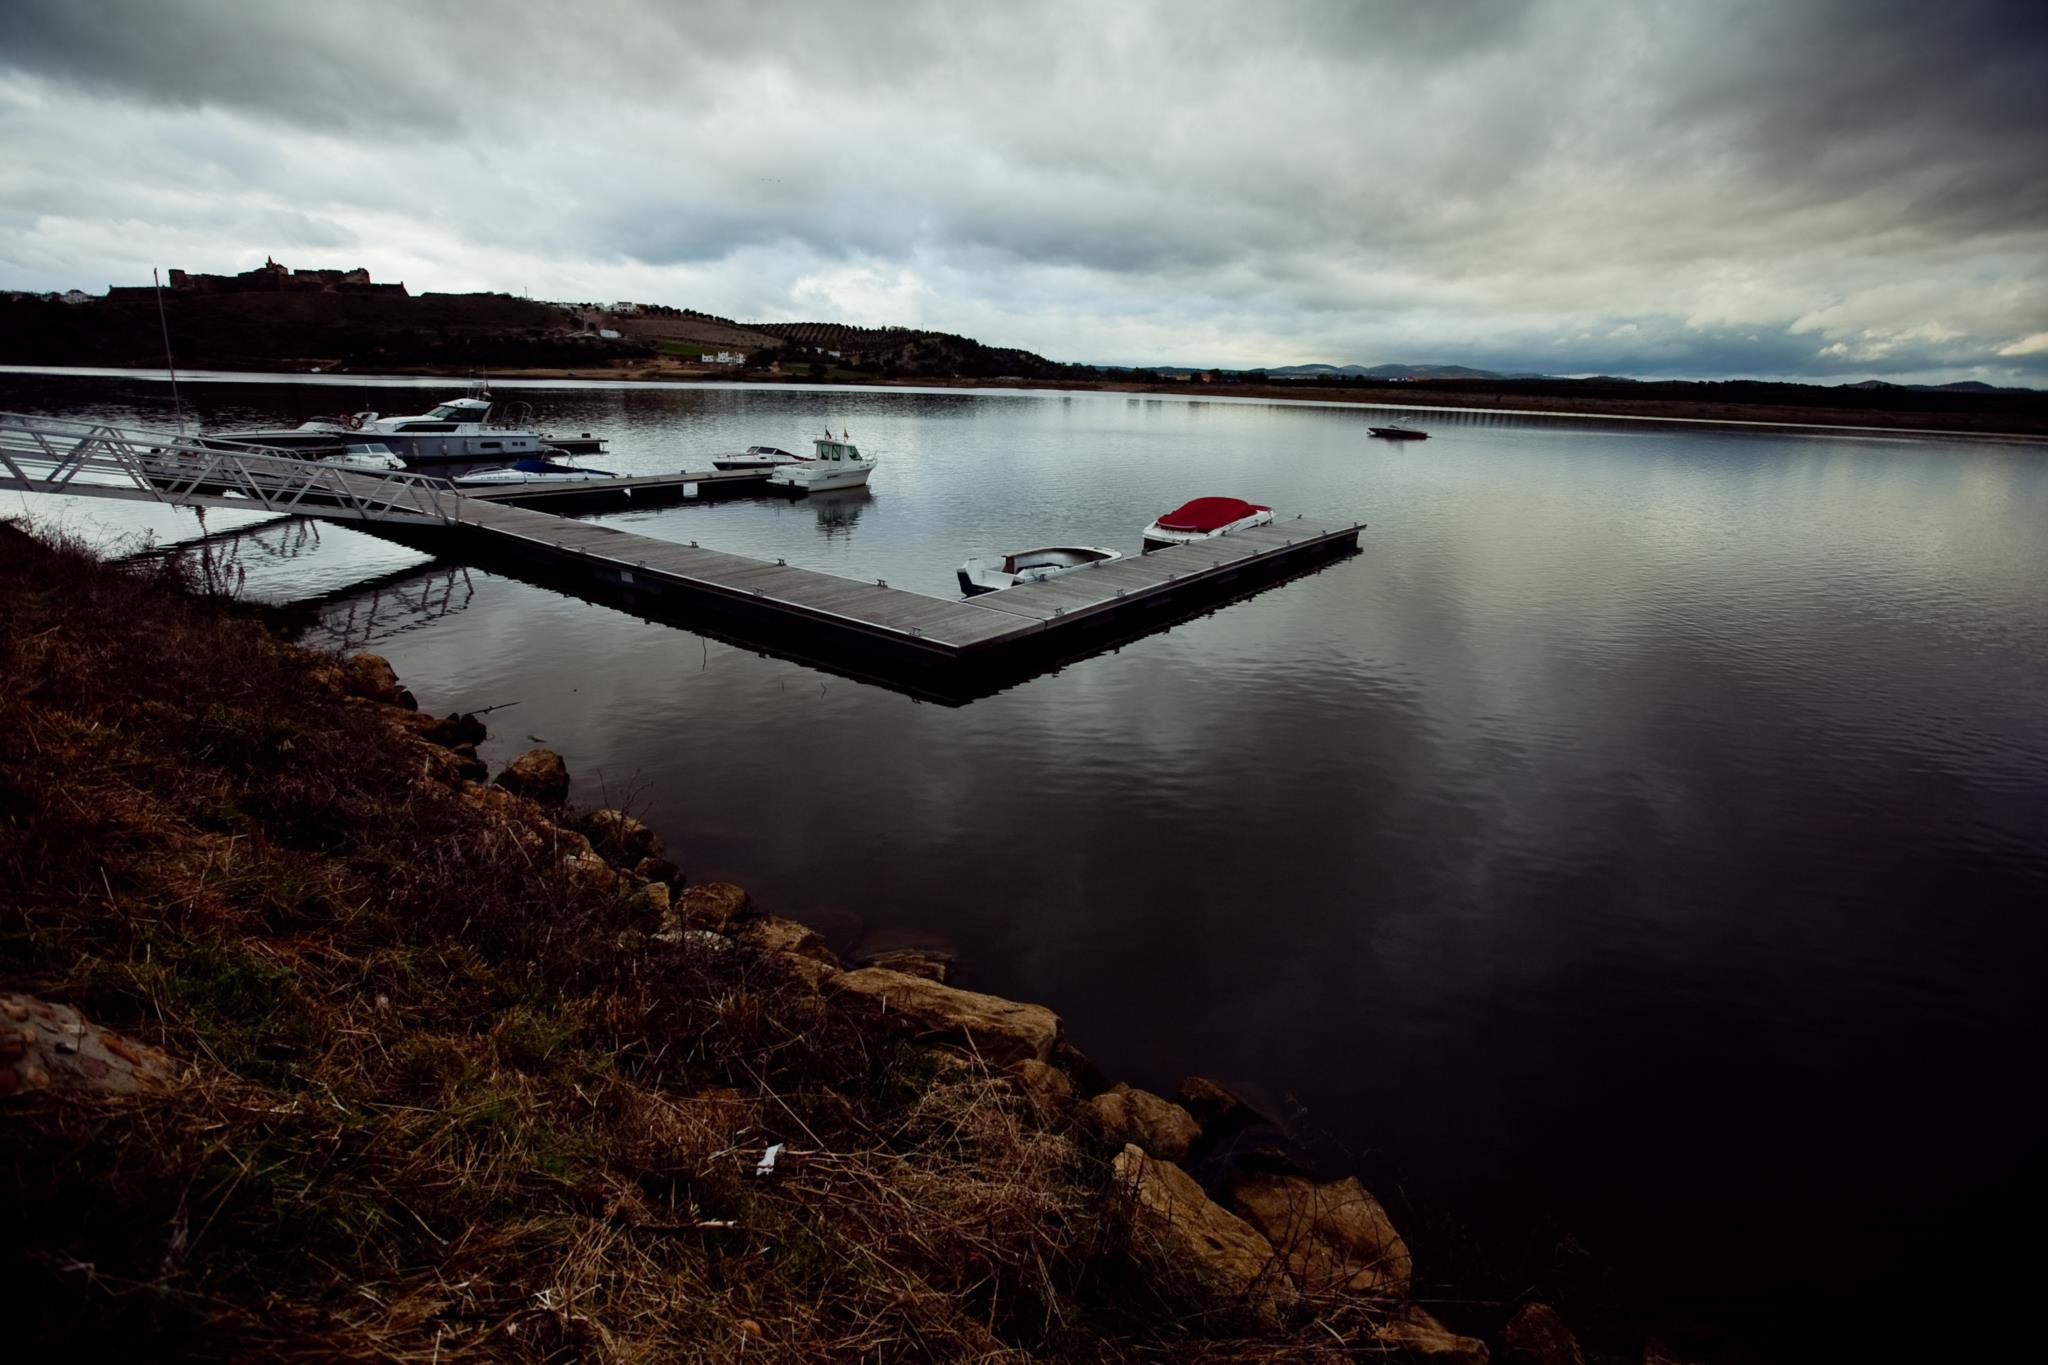 Espanhóis insistem em proibir navegação de barcos portugueses na albufeira do Alqueva frente a Olivença